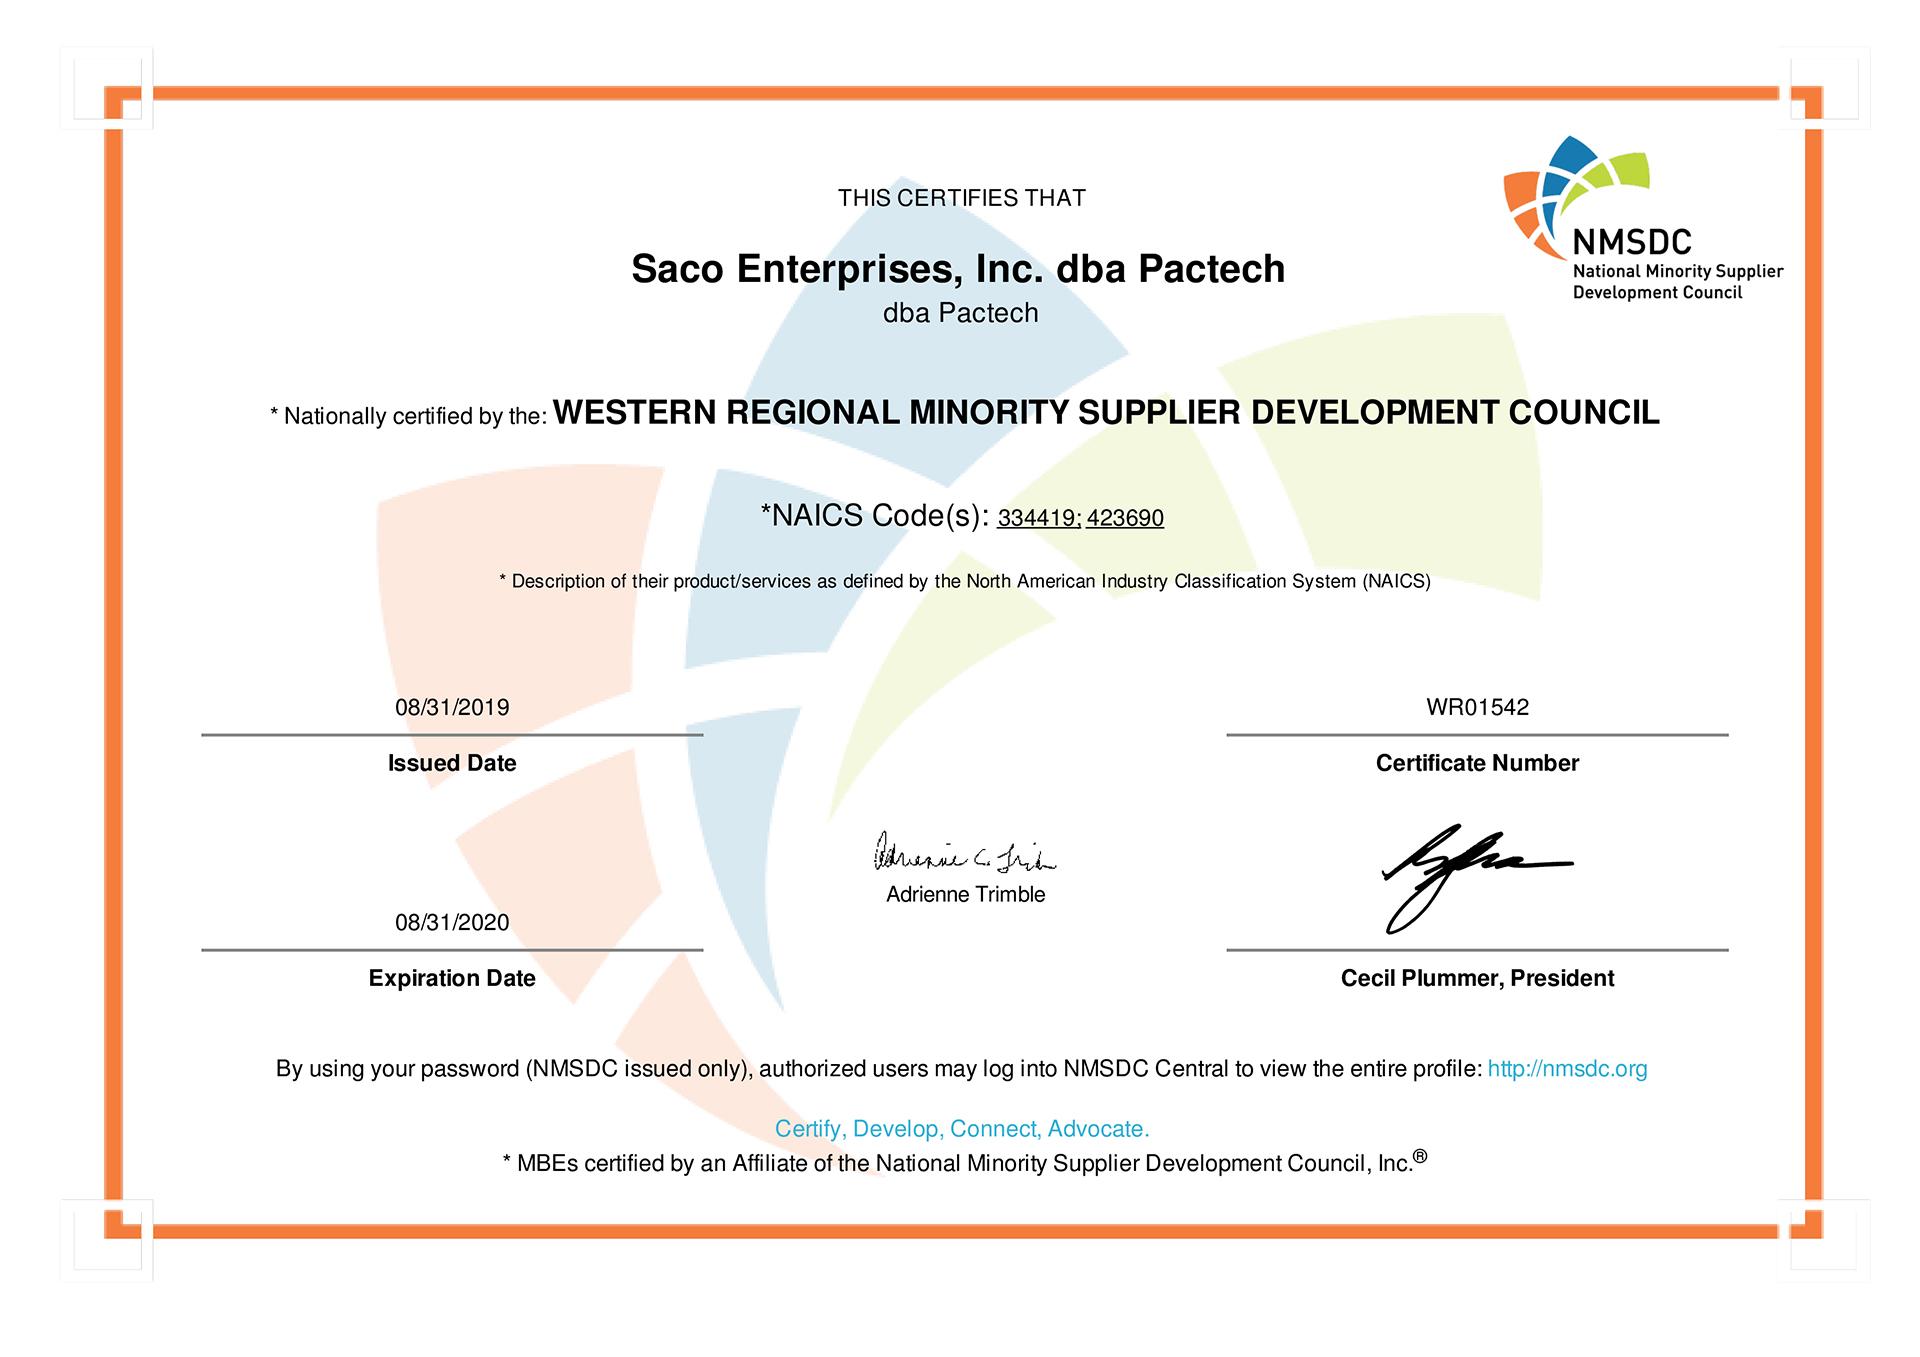 2019 - 2020 WRMSDC Certificate - Saco Enterprises, Inc. dba Pactech